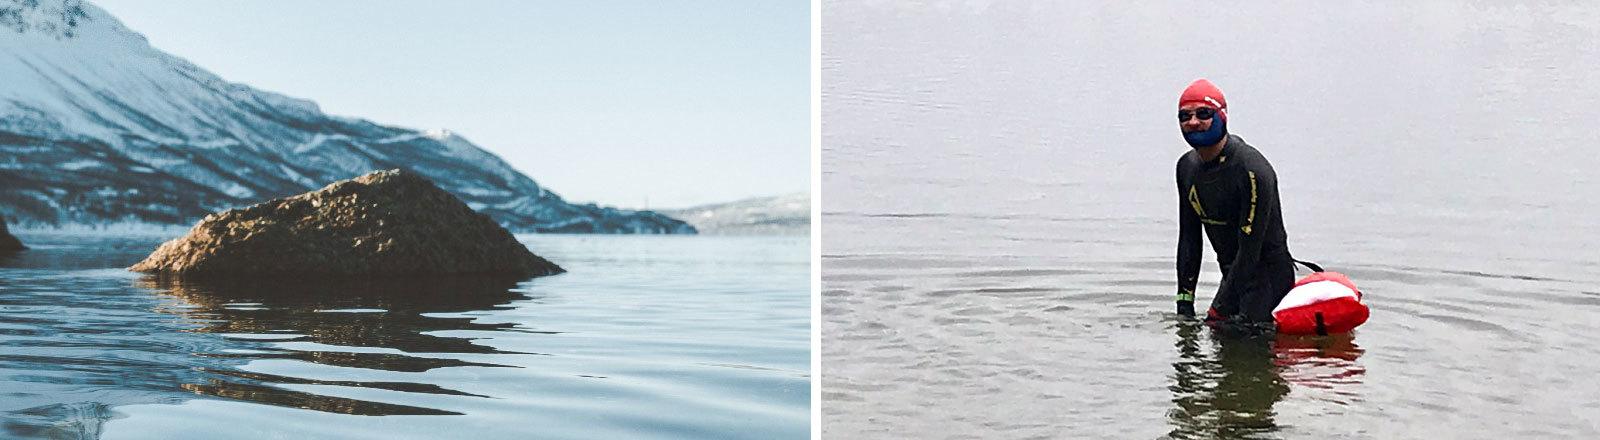 Eisschwimmer im Neoprenanzug